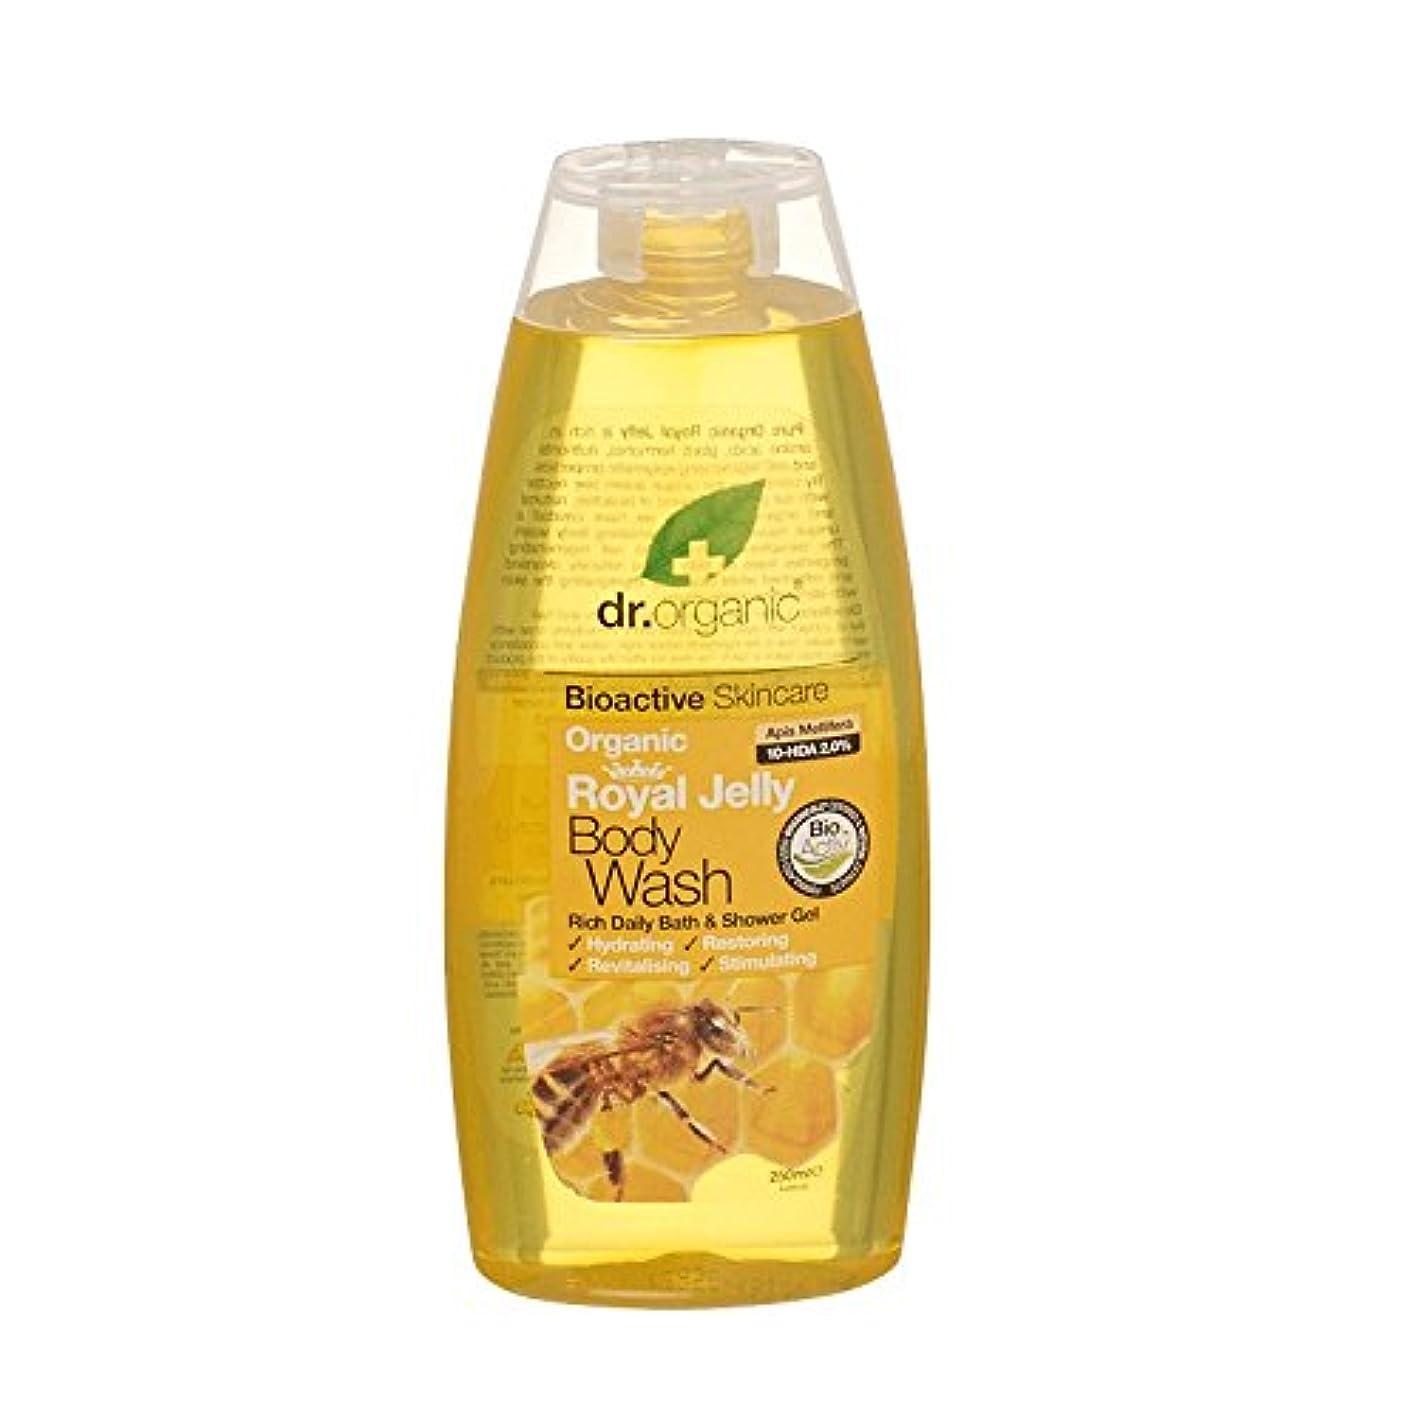 遅い異議ジャーナルDr Organic Royal Jelly Body Wash (Pack of 2) - Dr有機ローヤルゼリーボディウォッシュ (x2) [並行輸入品]